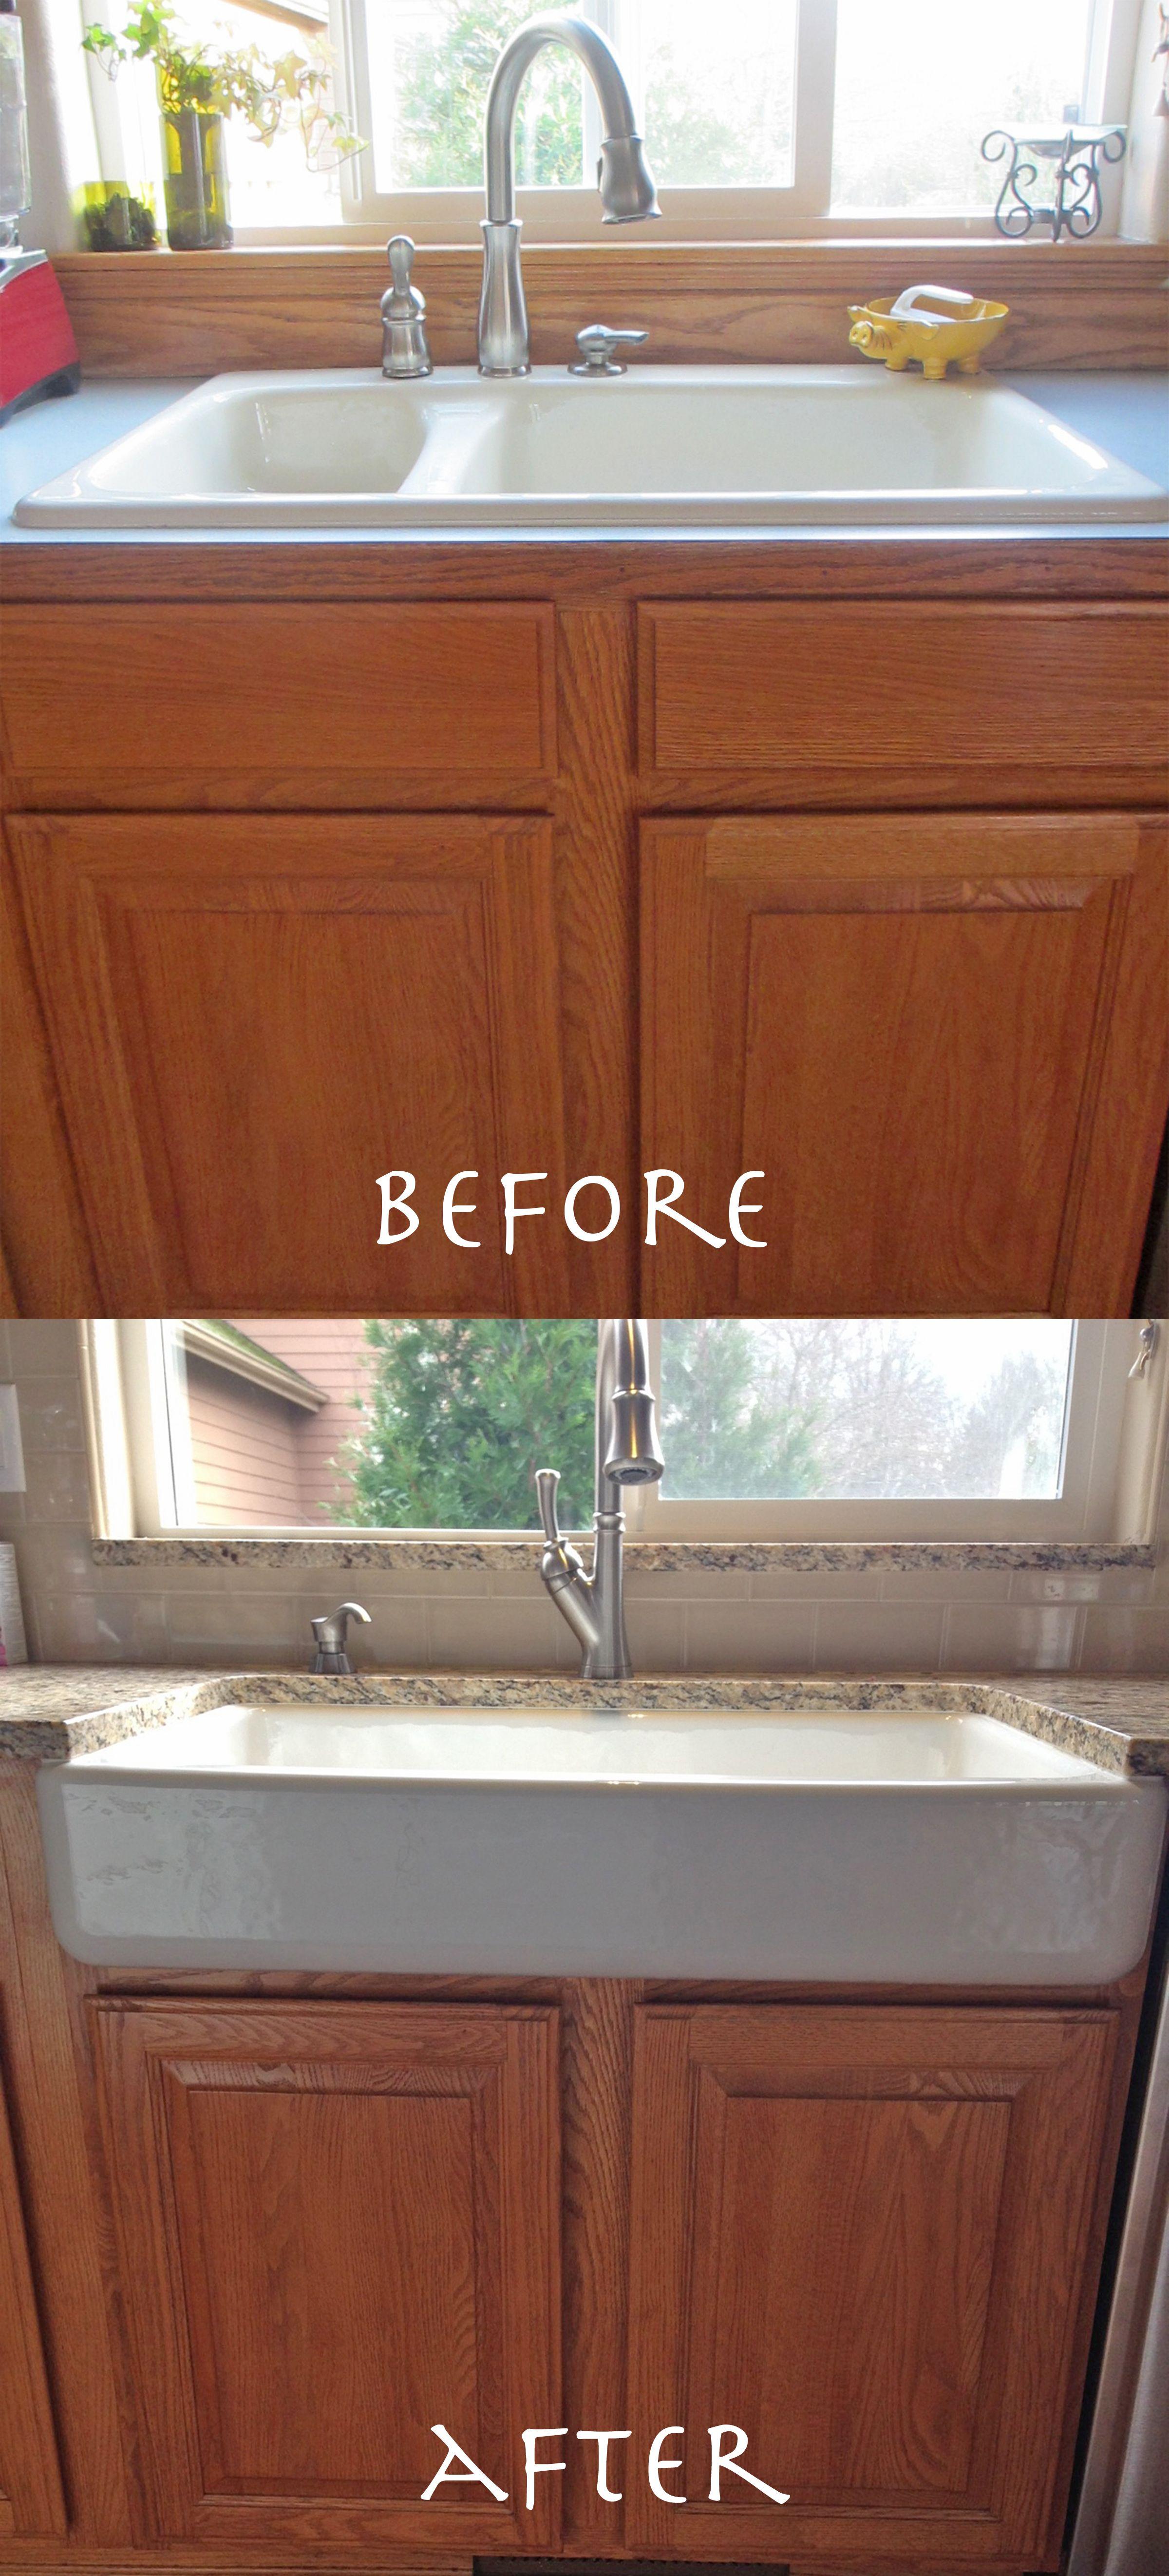 Apron Front Sink Retrofit A Standard Cabinet Kohler